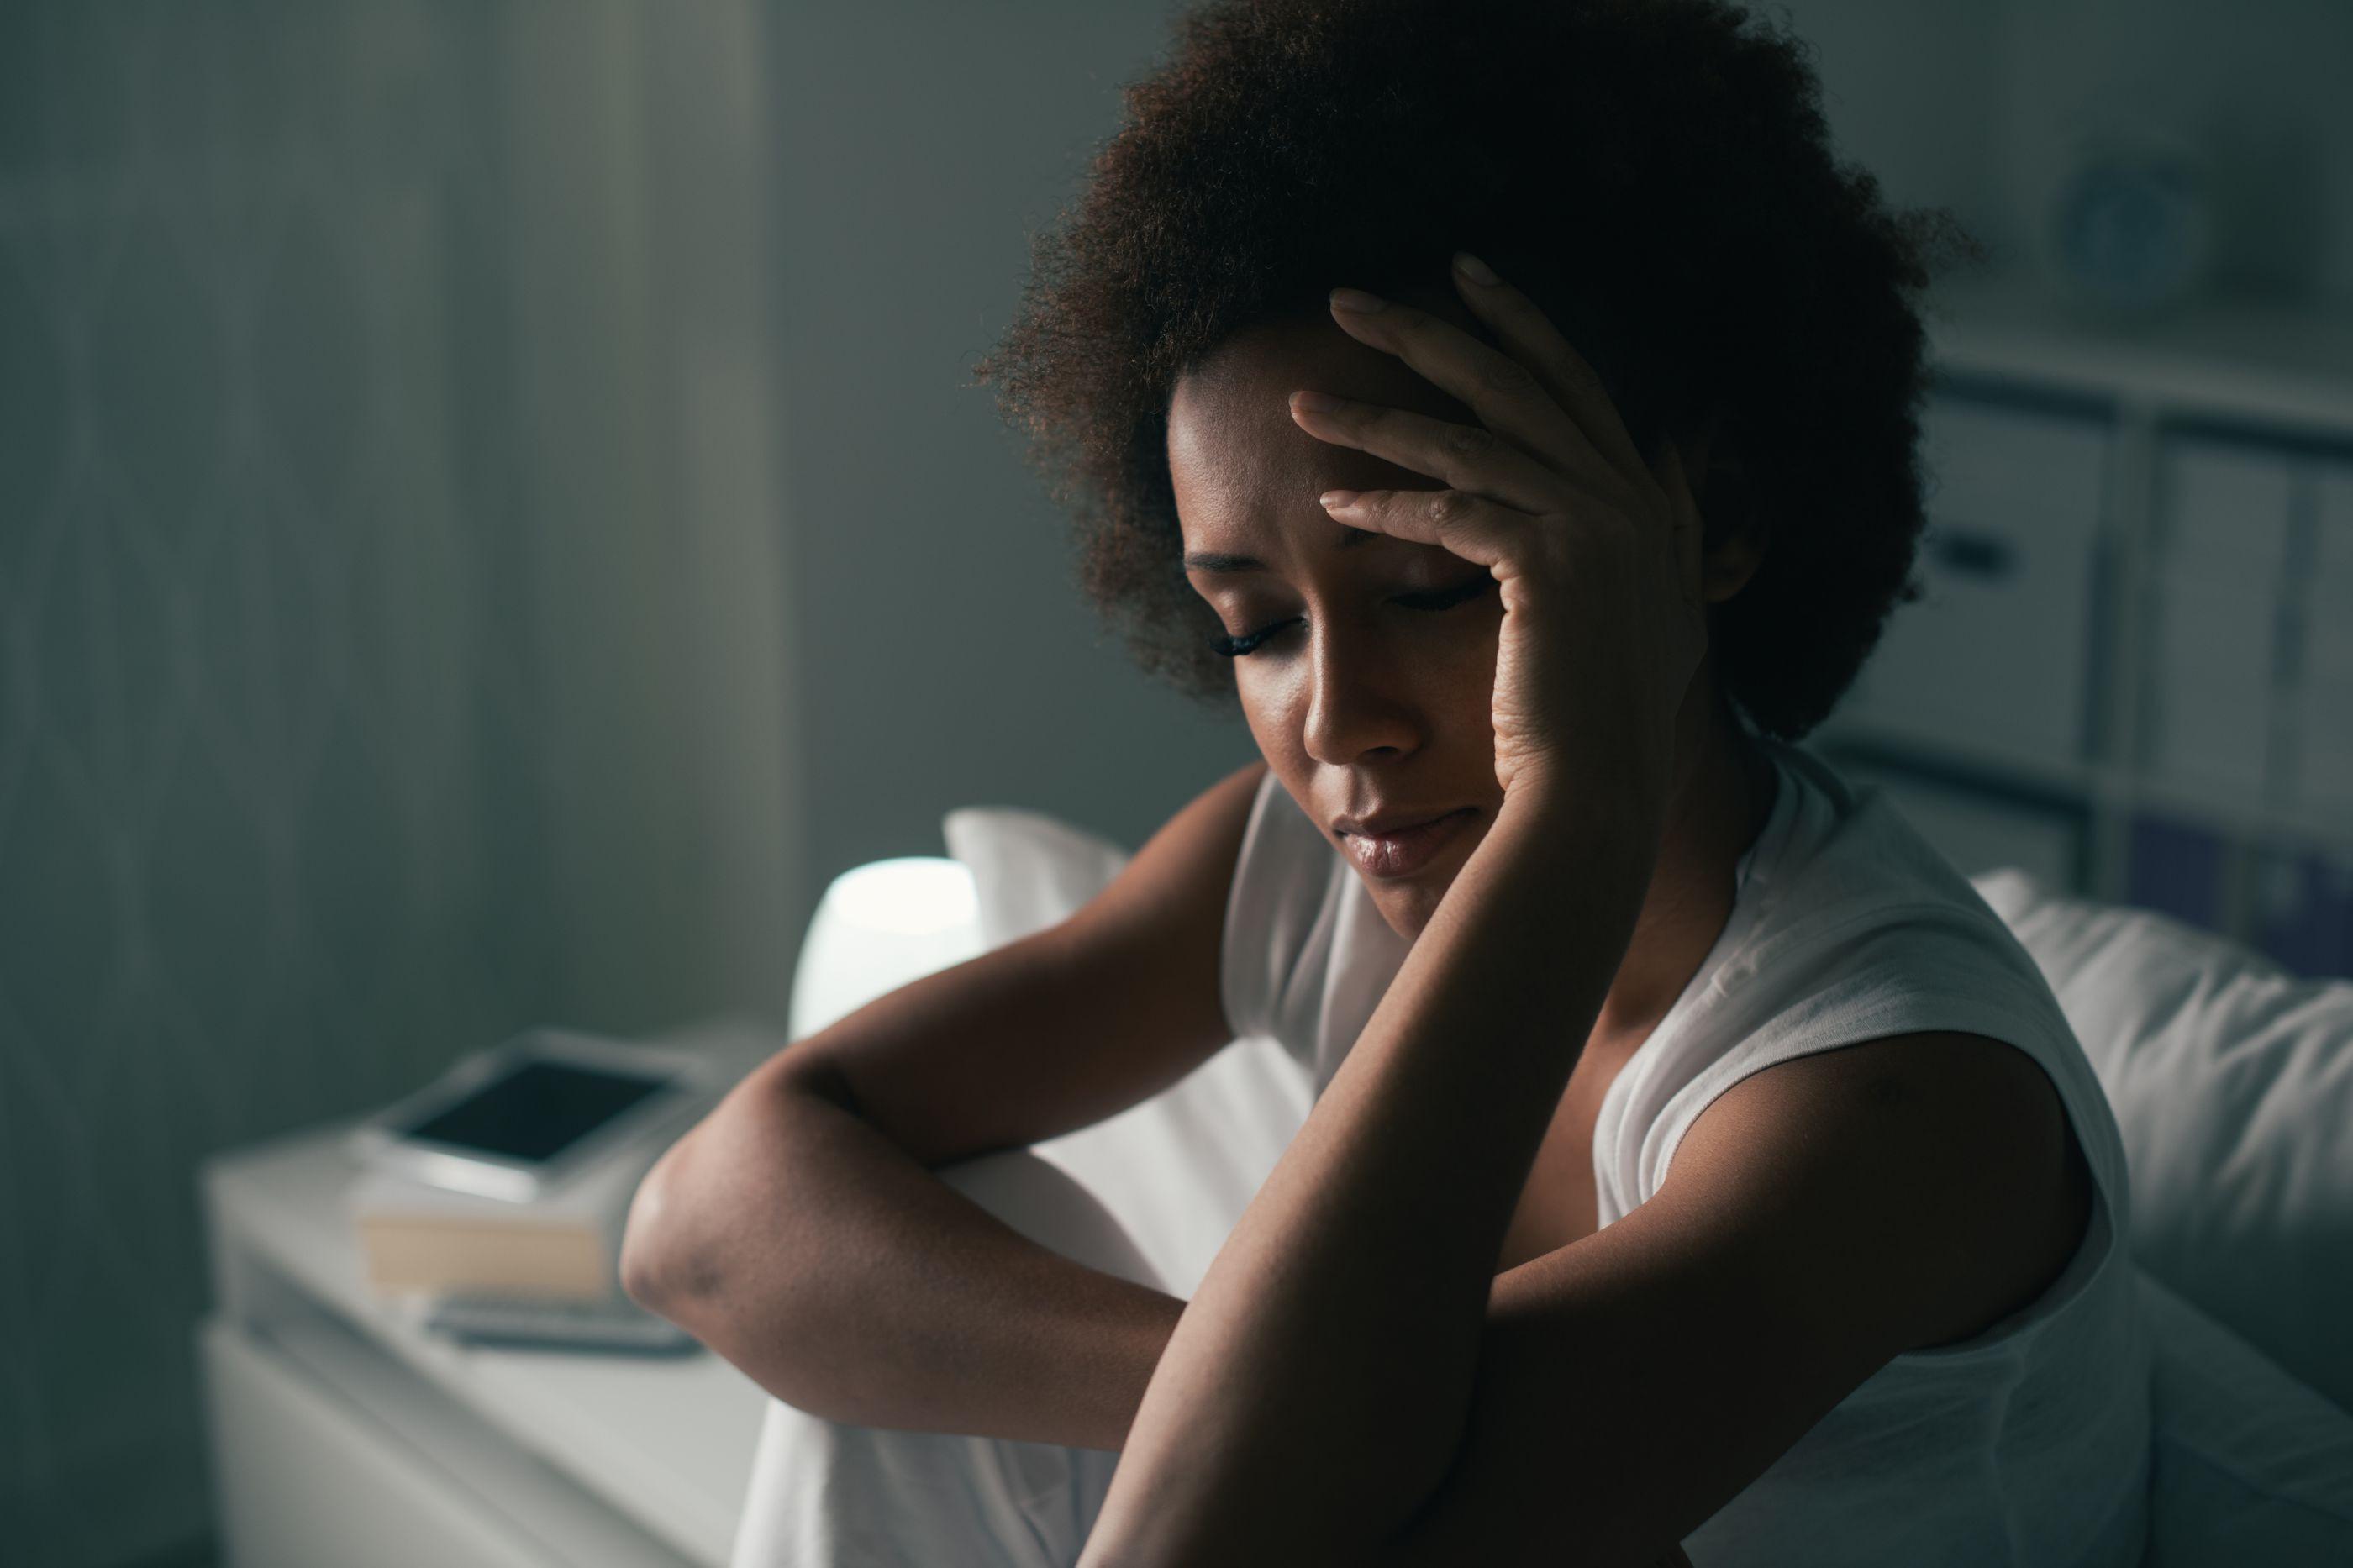 Noite de pesadelos traz consequências físicas e psicológicas. Recupere